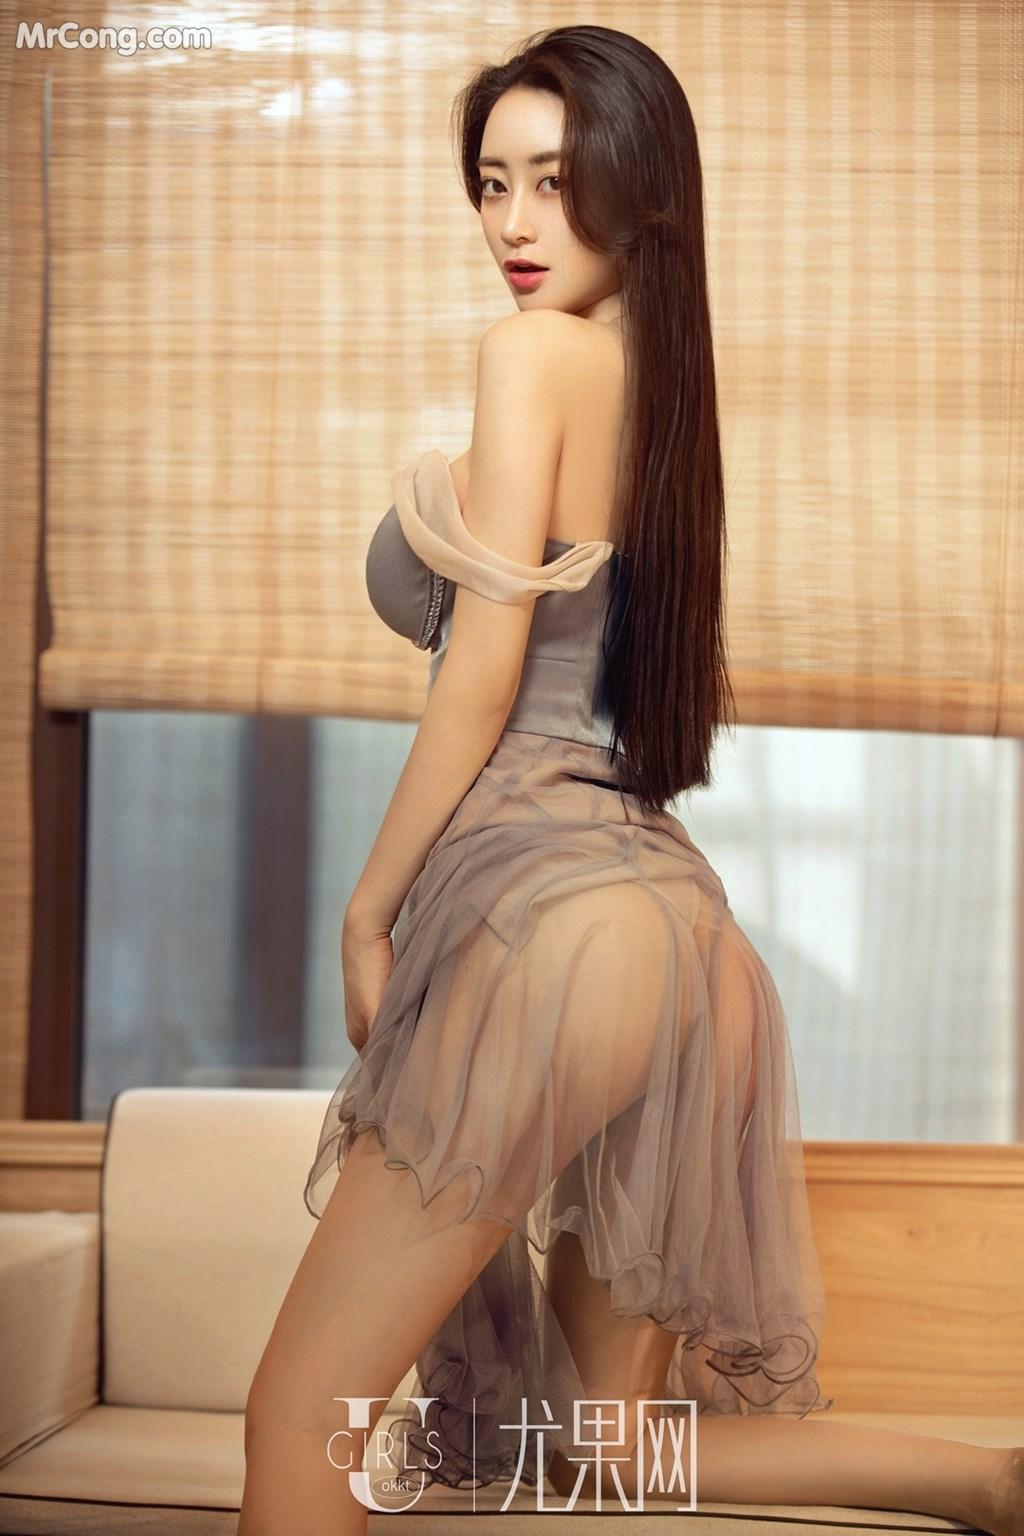 Image UGIRLS-U309-Mu-Fei-Fei-MrCong.com-002 in post UGIRLS U309: Người mẫu Mu Fei Fei (穆菲菲) (64 ảnh)